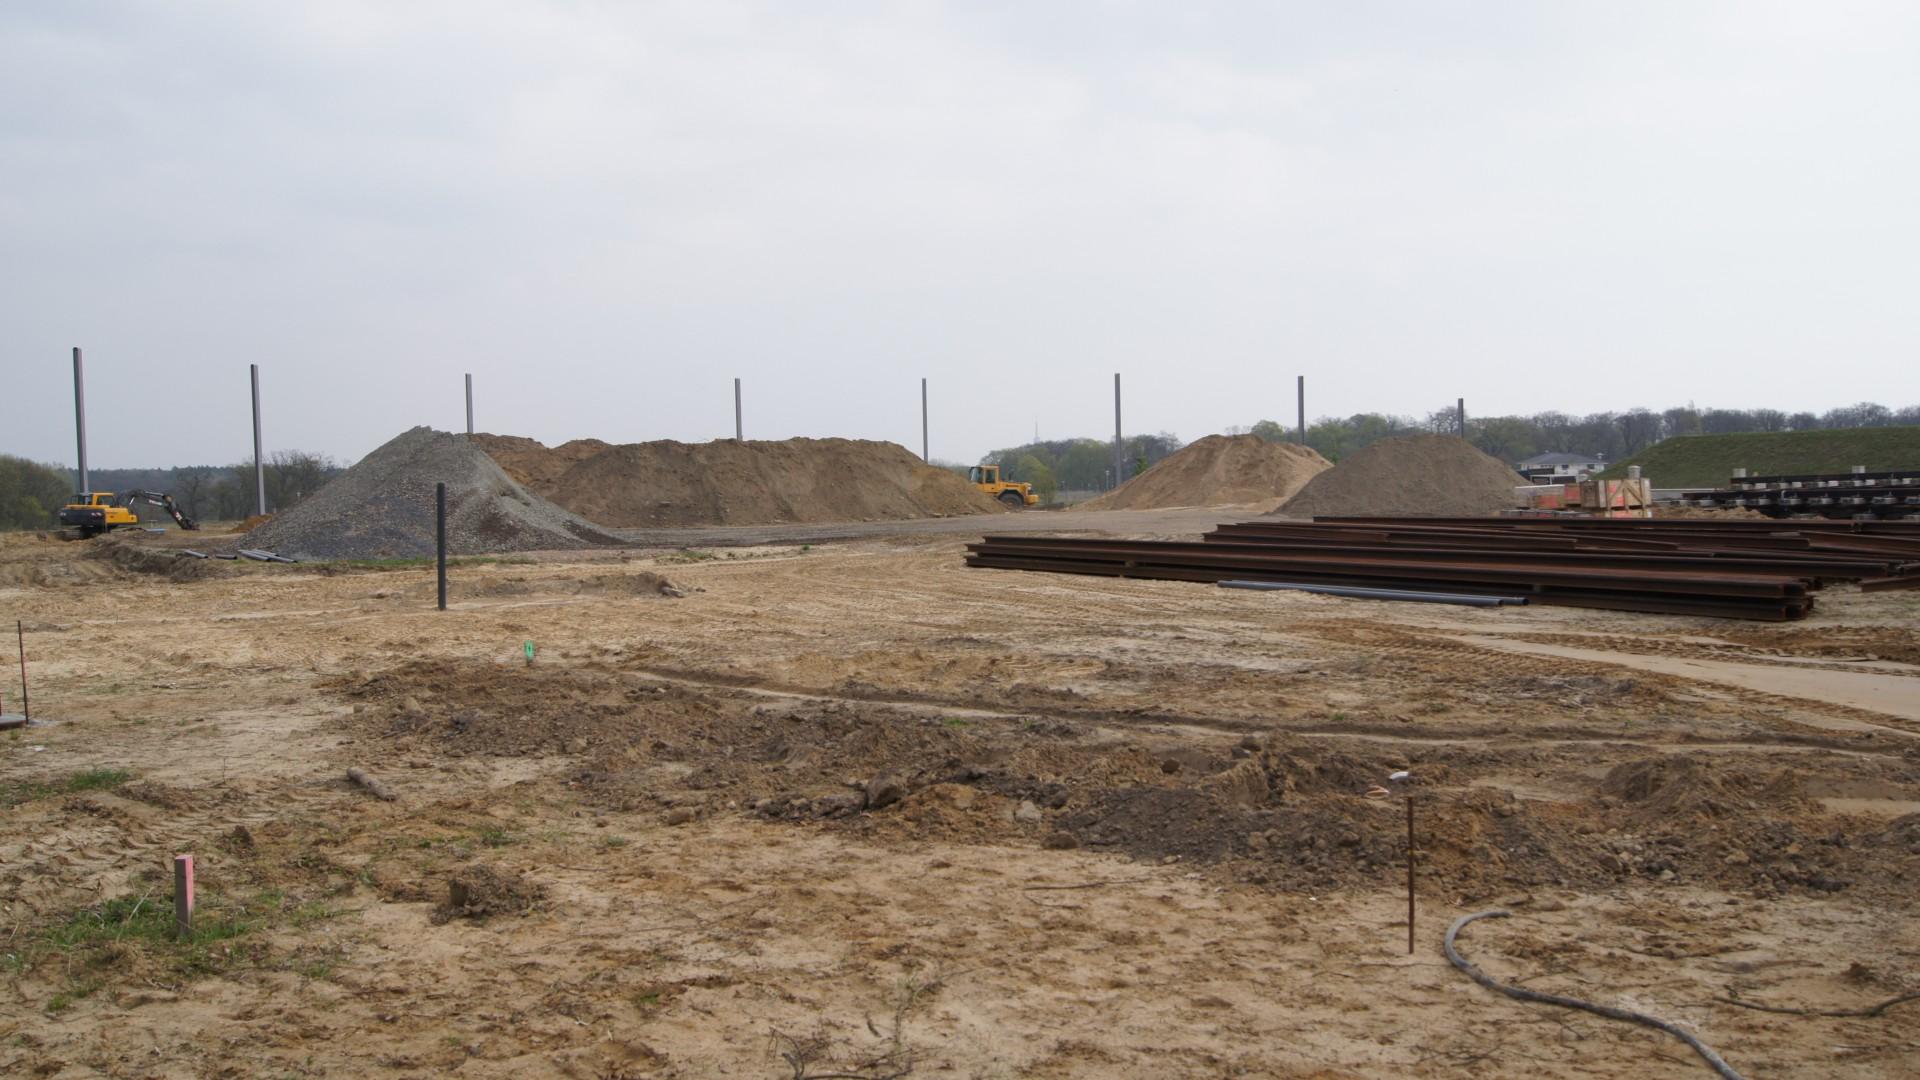 Verlängerung Strecke Campus Jungfernsee Bauarbeiten, © ViP